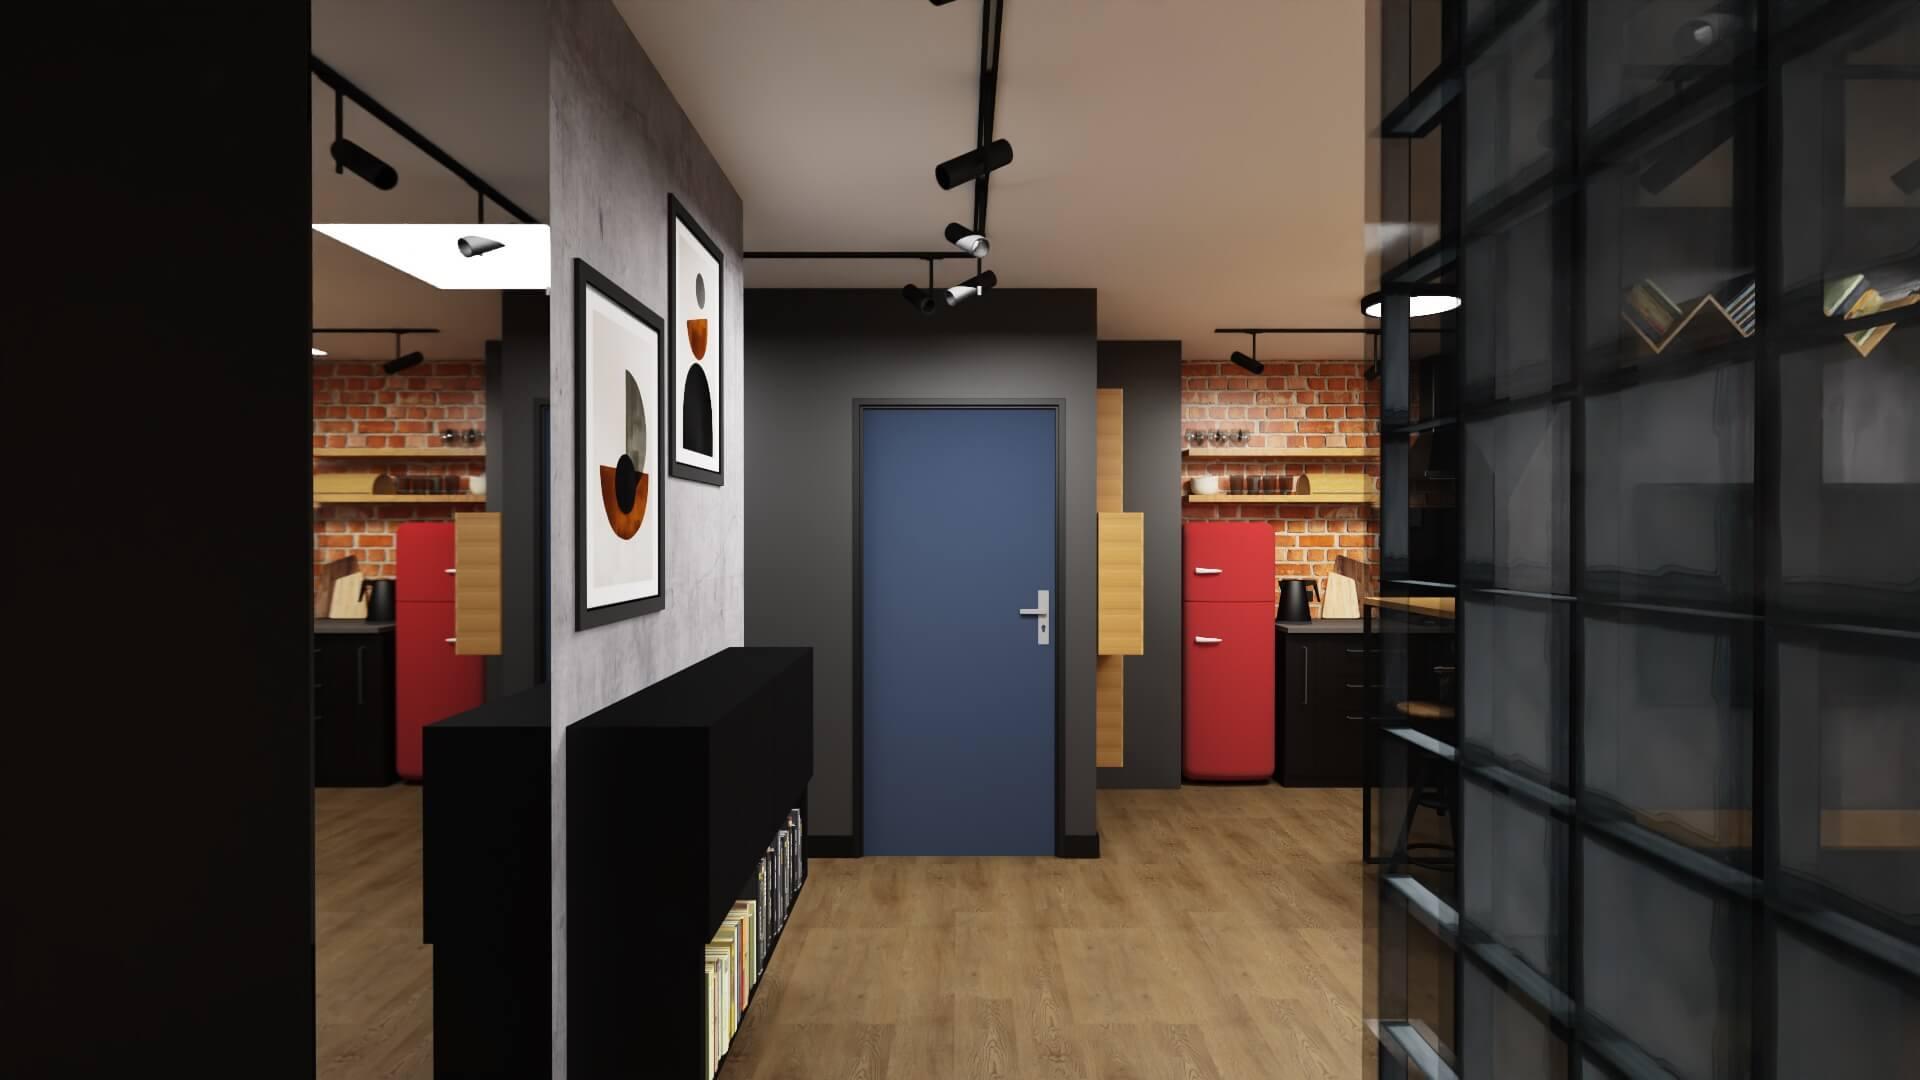 męskie mieszkanie projekt przedpokoju, granatowe drzwi, czerwona lodówka